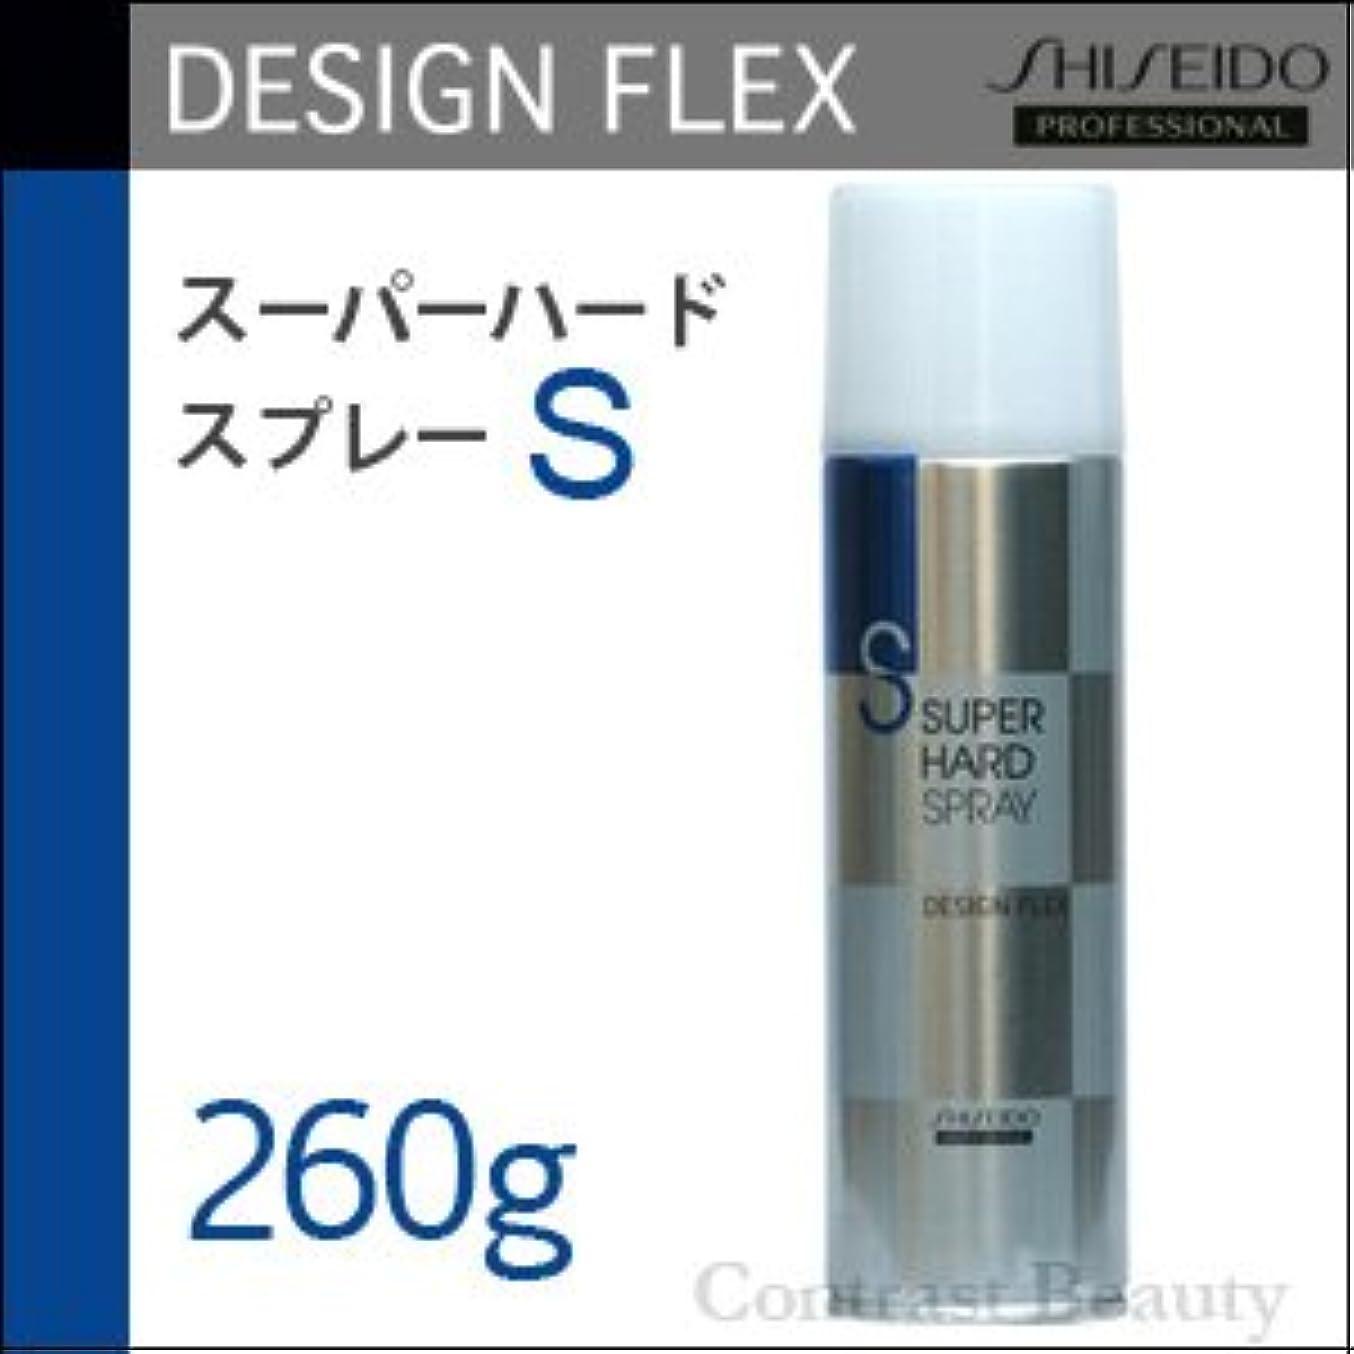 いっぱい迷路掘る【x4個セット】 資生堂 デザインフレックス スーパーハードスプレー 260g